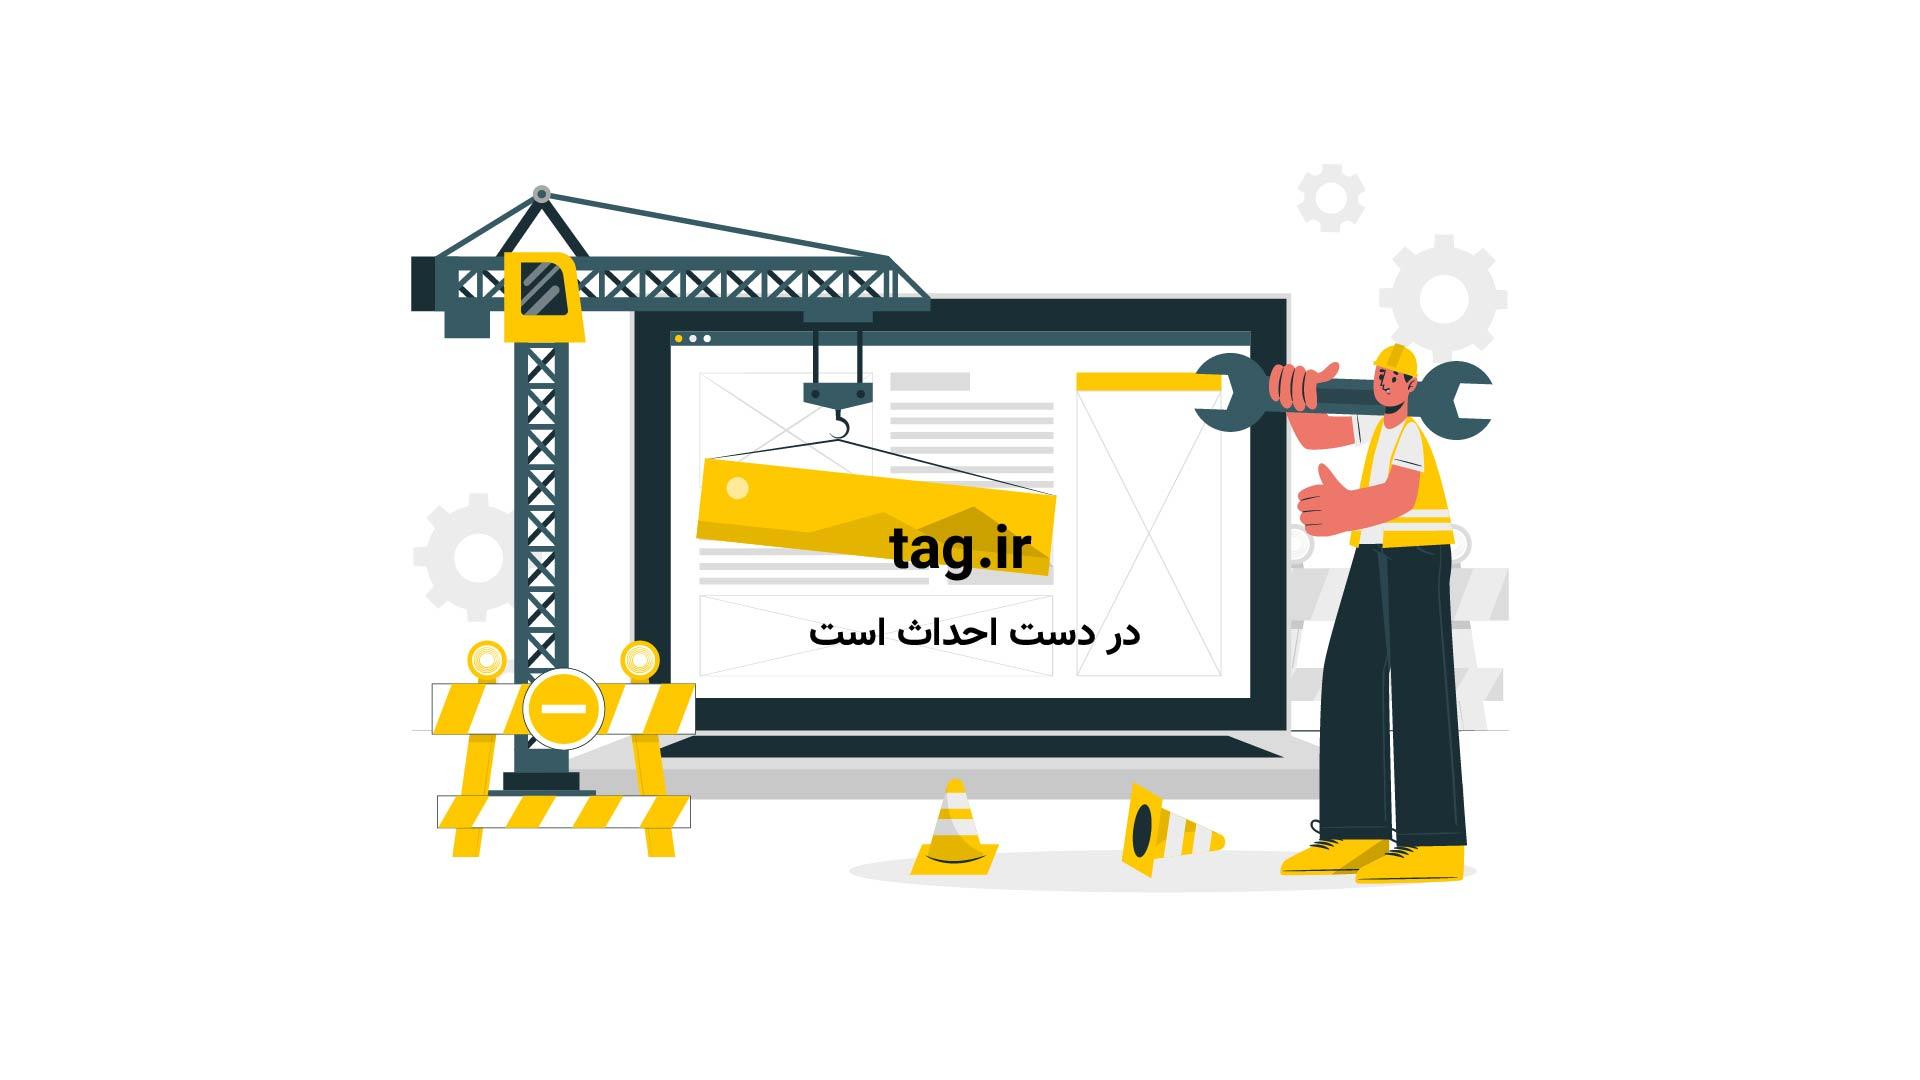 عناوین روزنامههای صبح یکشنبه ۲ مهر | فیلم